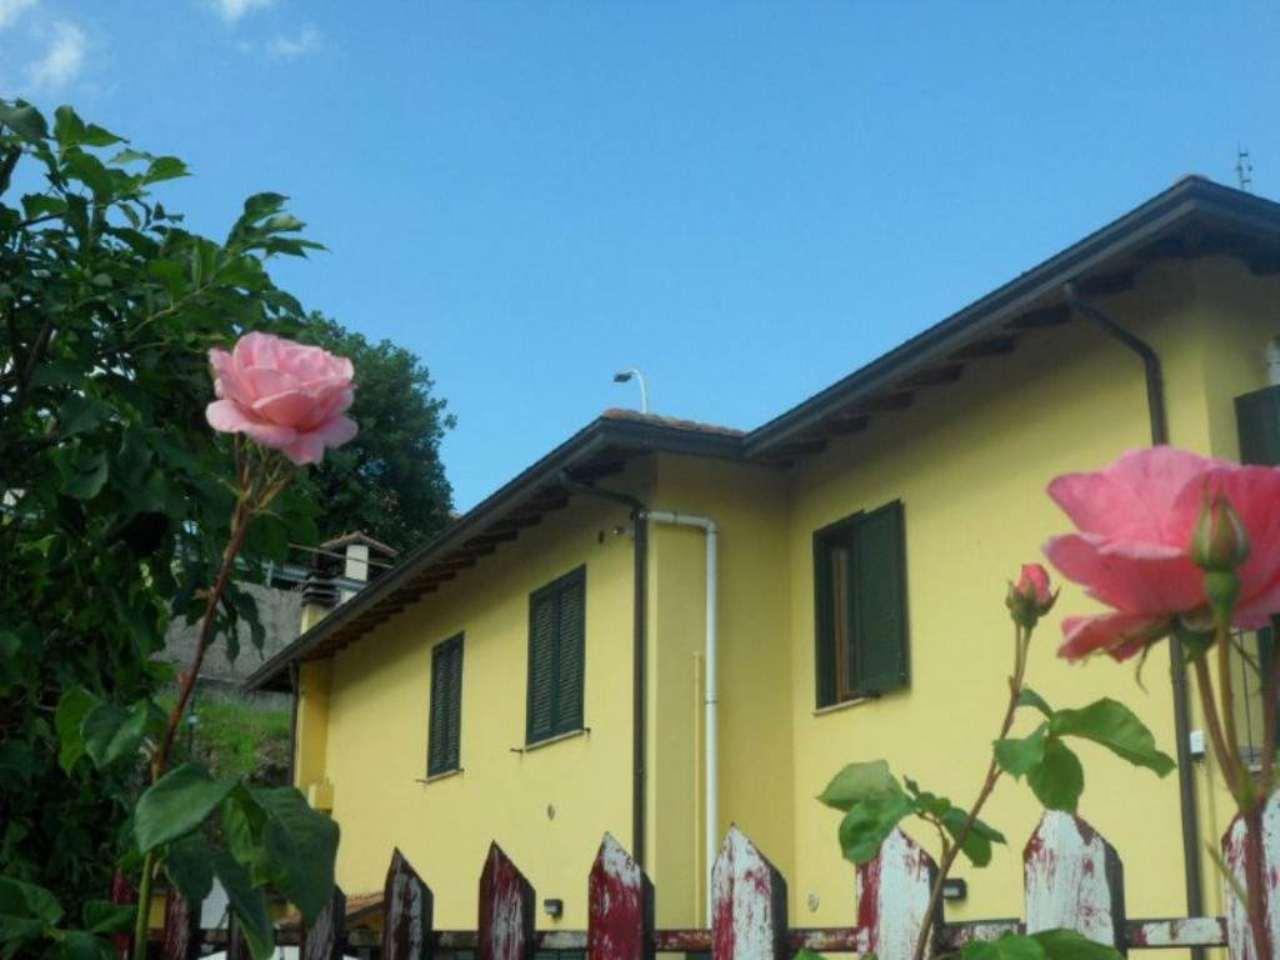 Appartamento in vendita a Fiuggi, 2 locali, prezzo € 30.000 | Cambio Casa.it